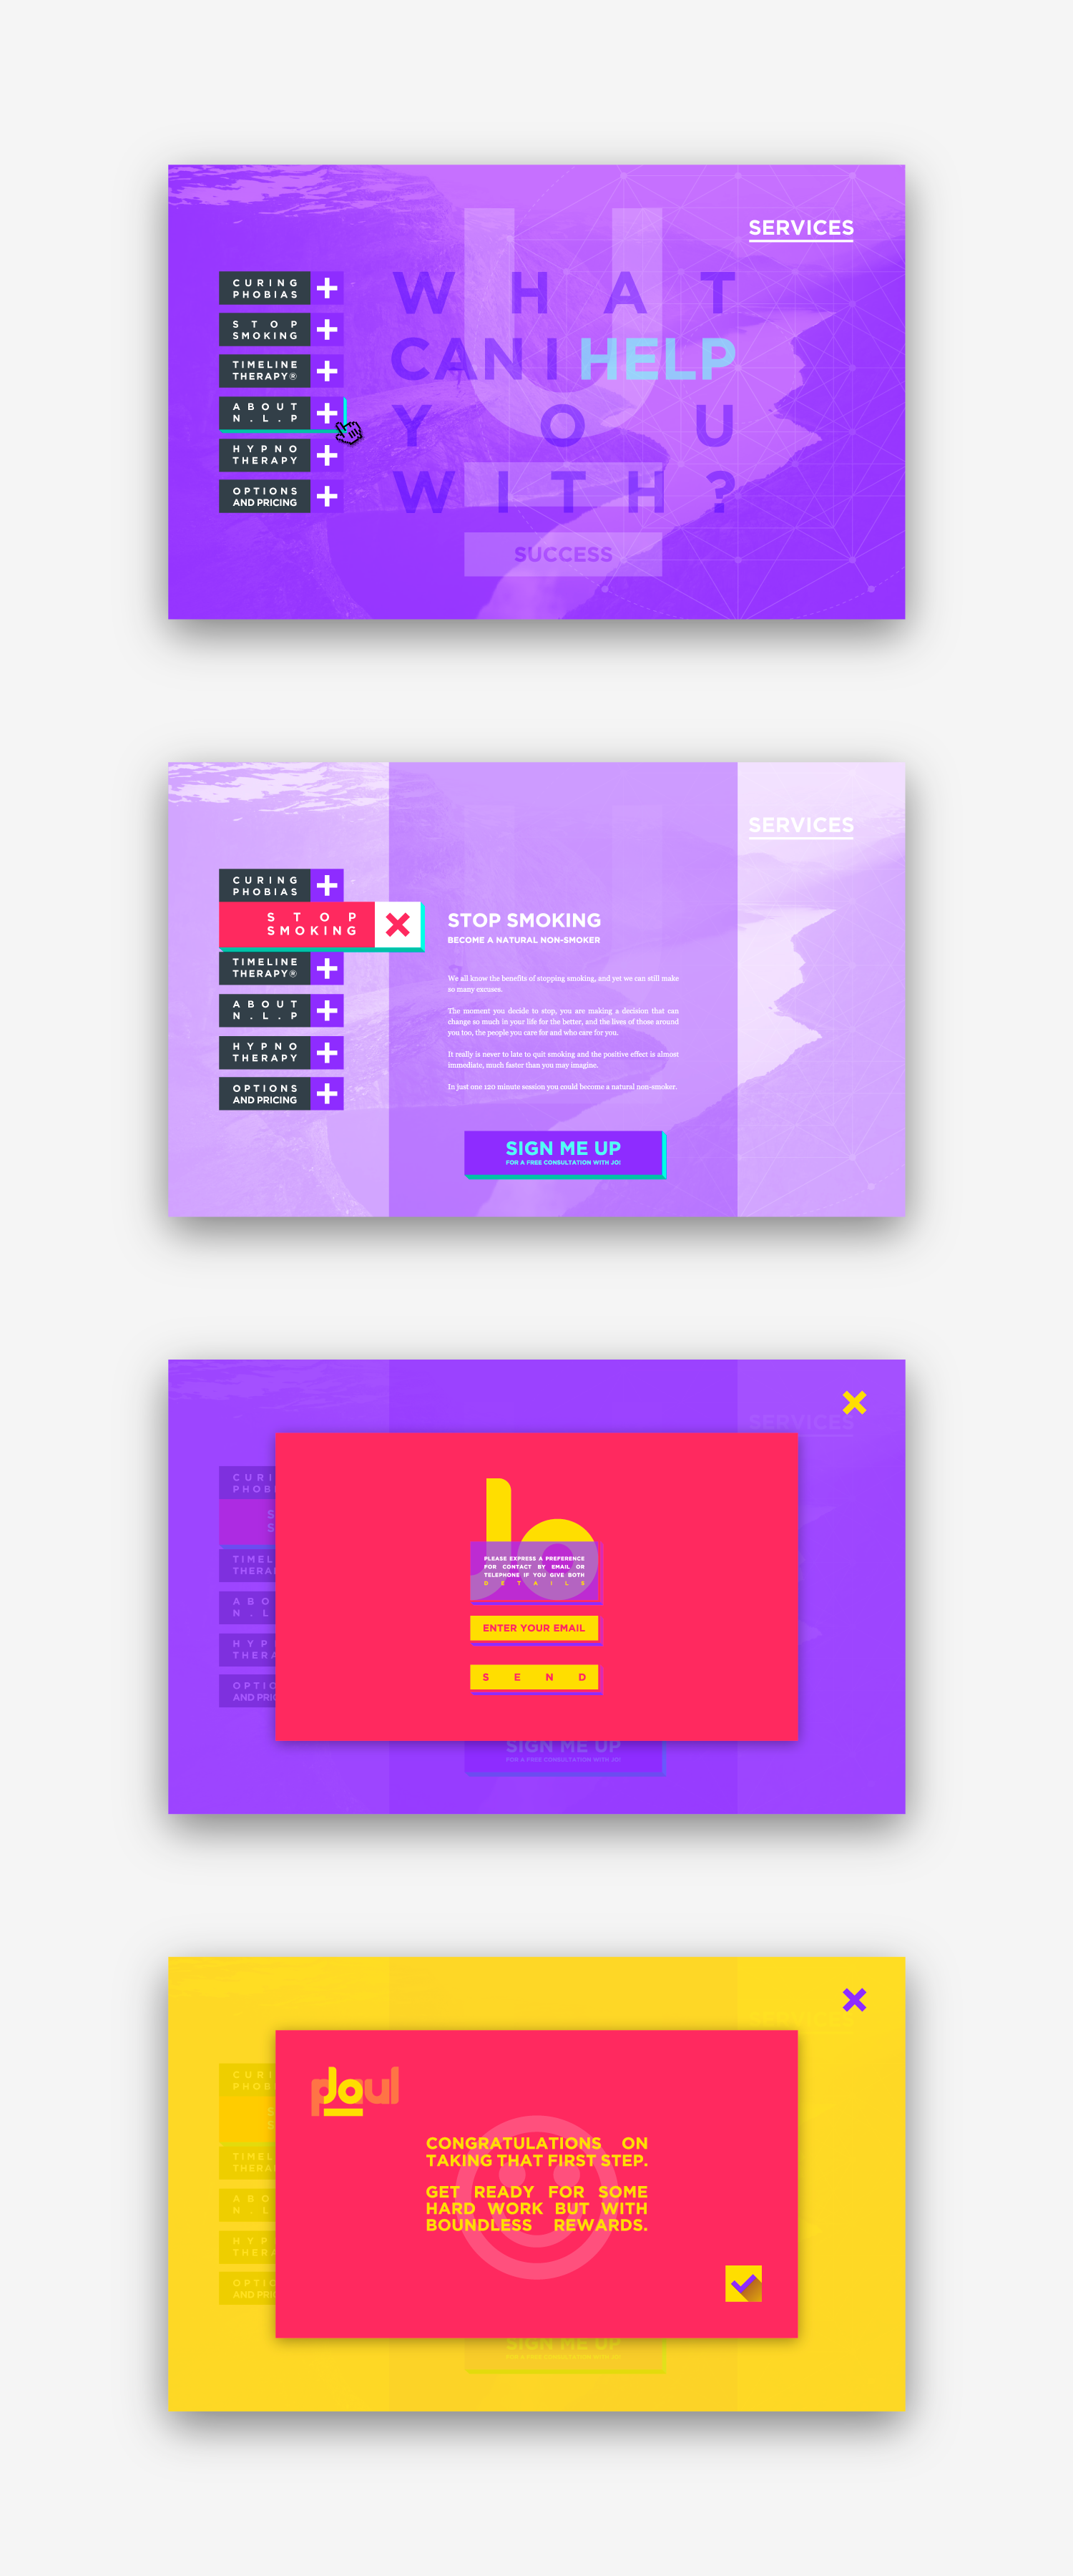 Web design for creative therapist, Jo Paul.